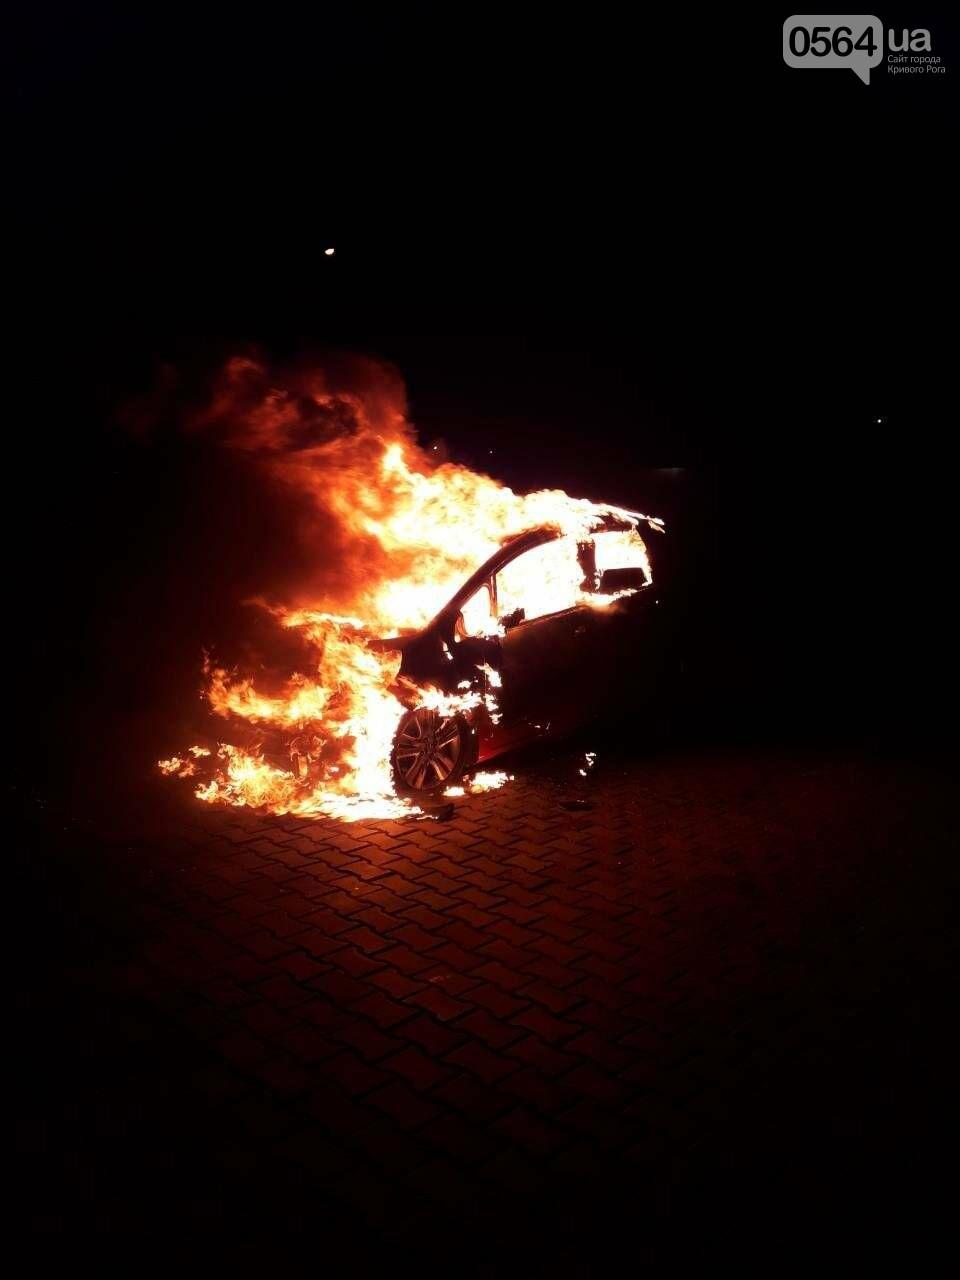 В Кривом Роге сгорела иномарка. Под соседним авто найдены улики возможного поджога (ФОТО) , фото-1